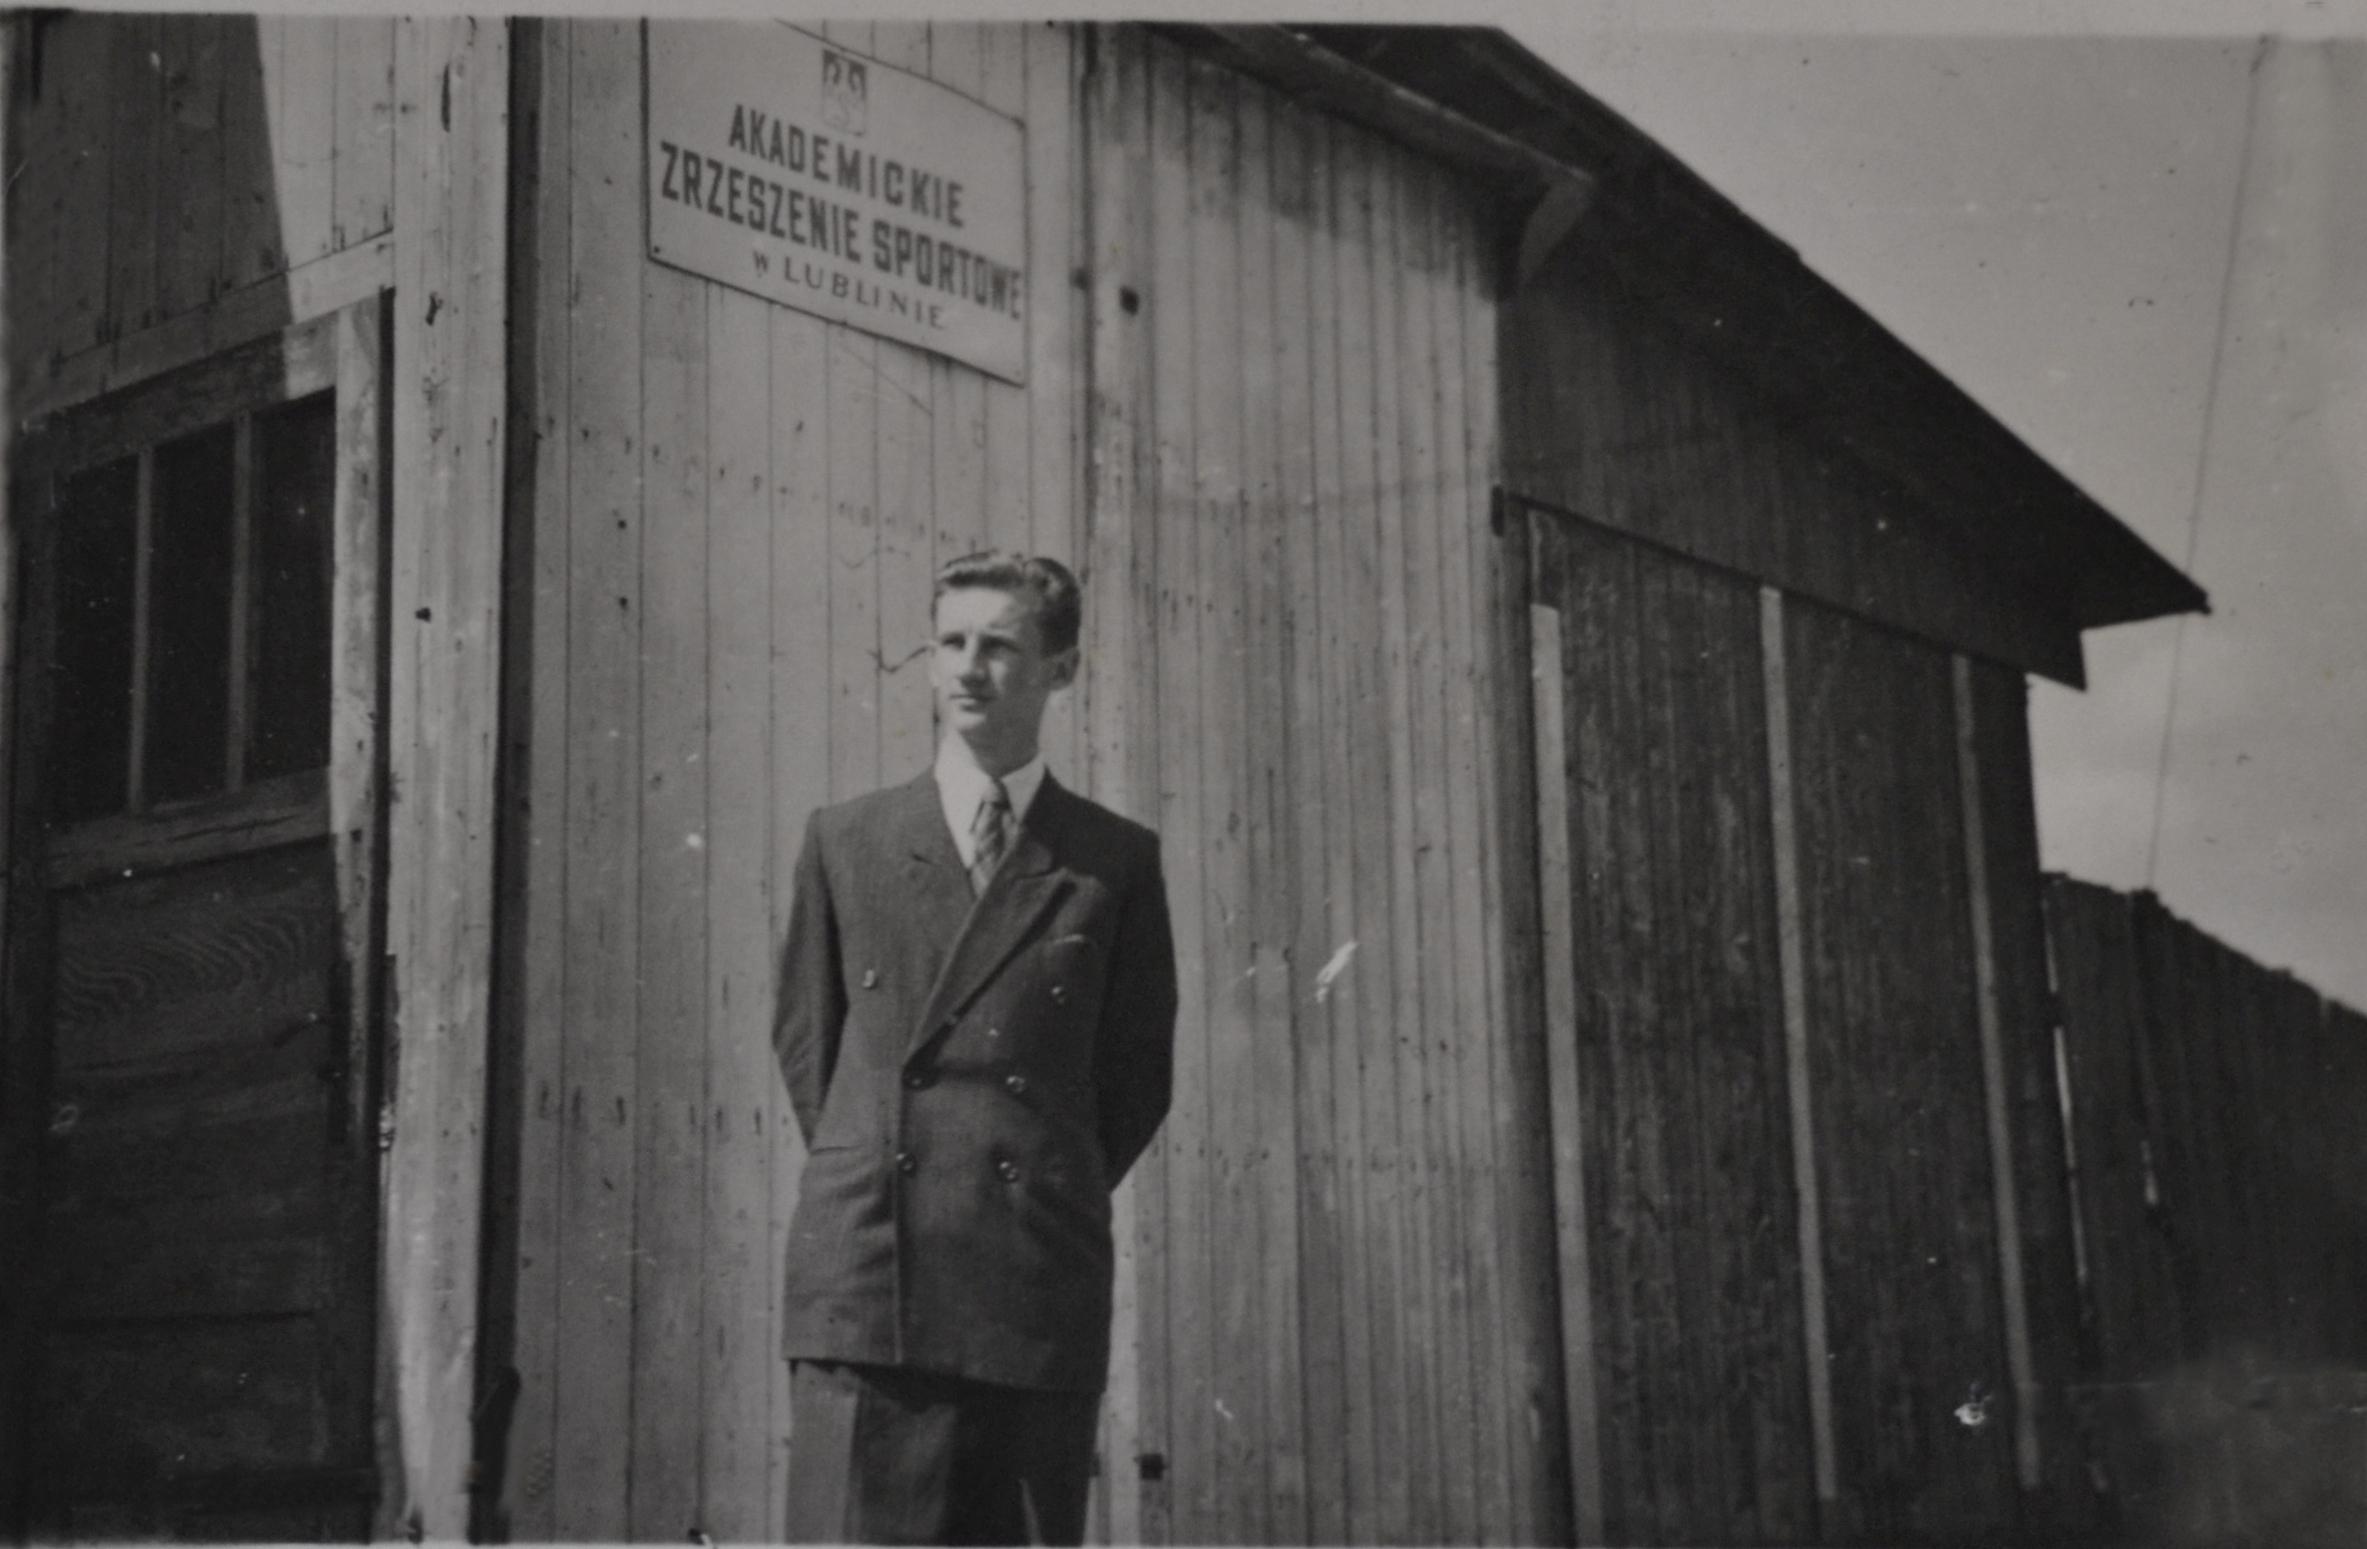 Reaktywacja sportu akademickiego w Lublinie po II Wojnie Światowej